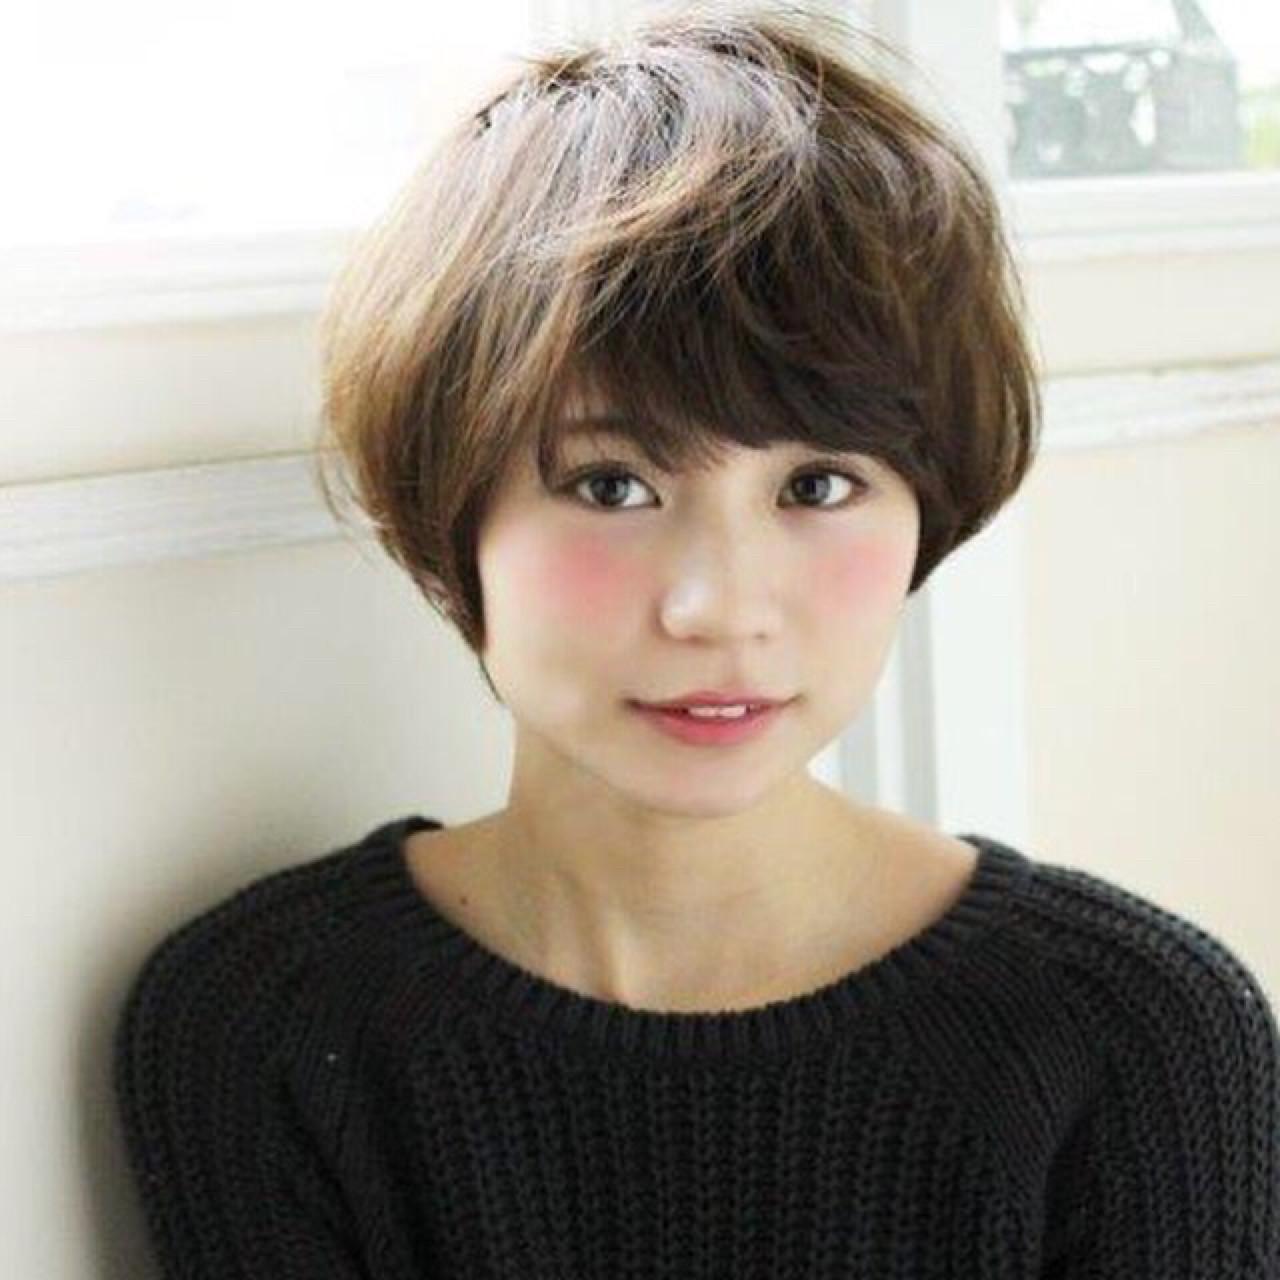 ブラウン ショート ショートボブ 外国人風 ヘアスタイルや髪型の写真・画像